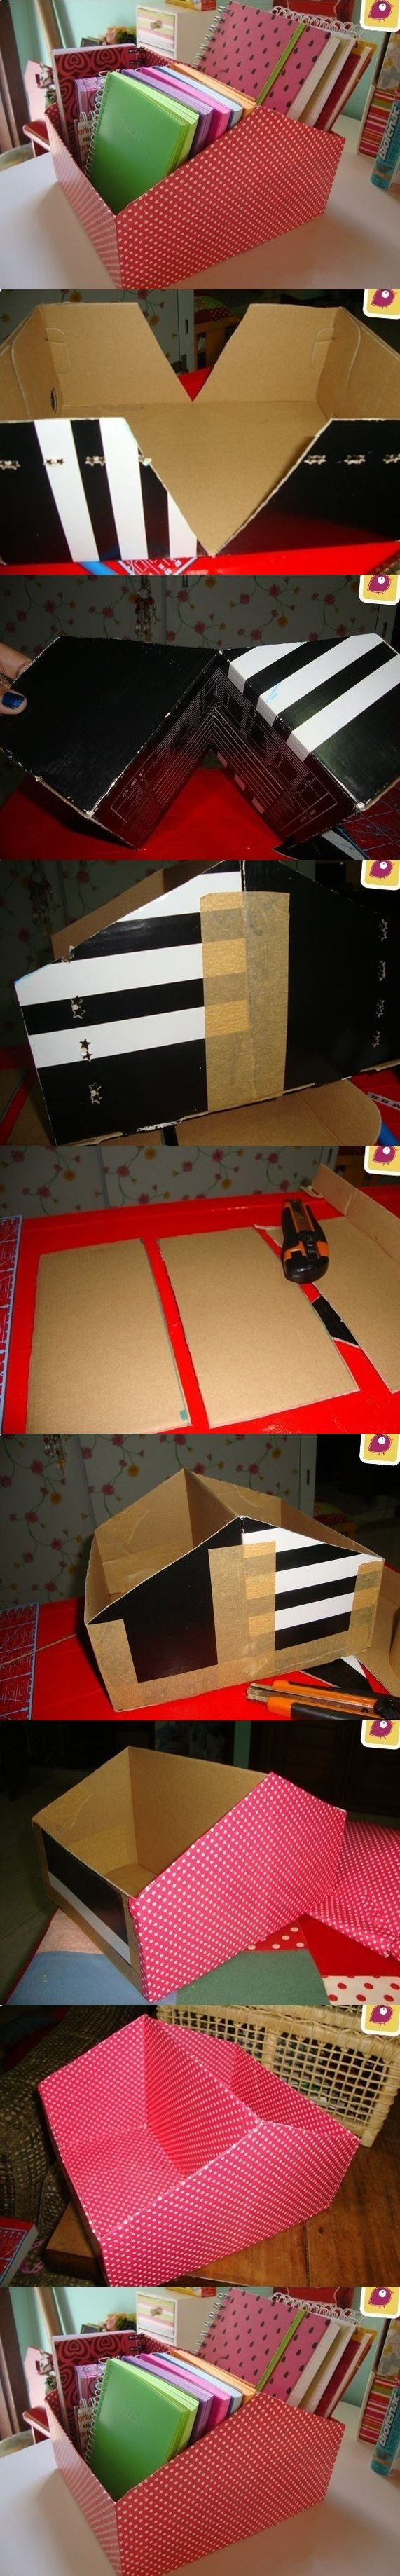 Tutorial de organizador com caixa de papelão , super fácil ;)                                                                                                                                                                                 Mais